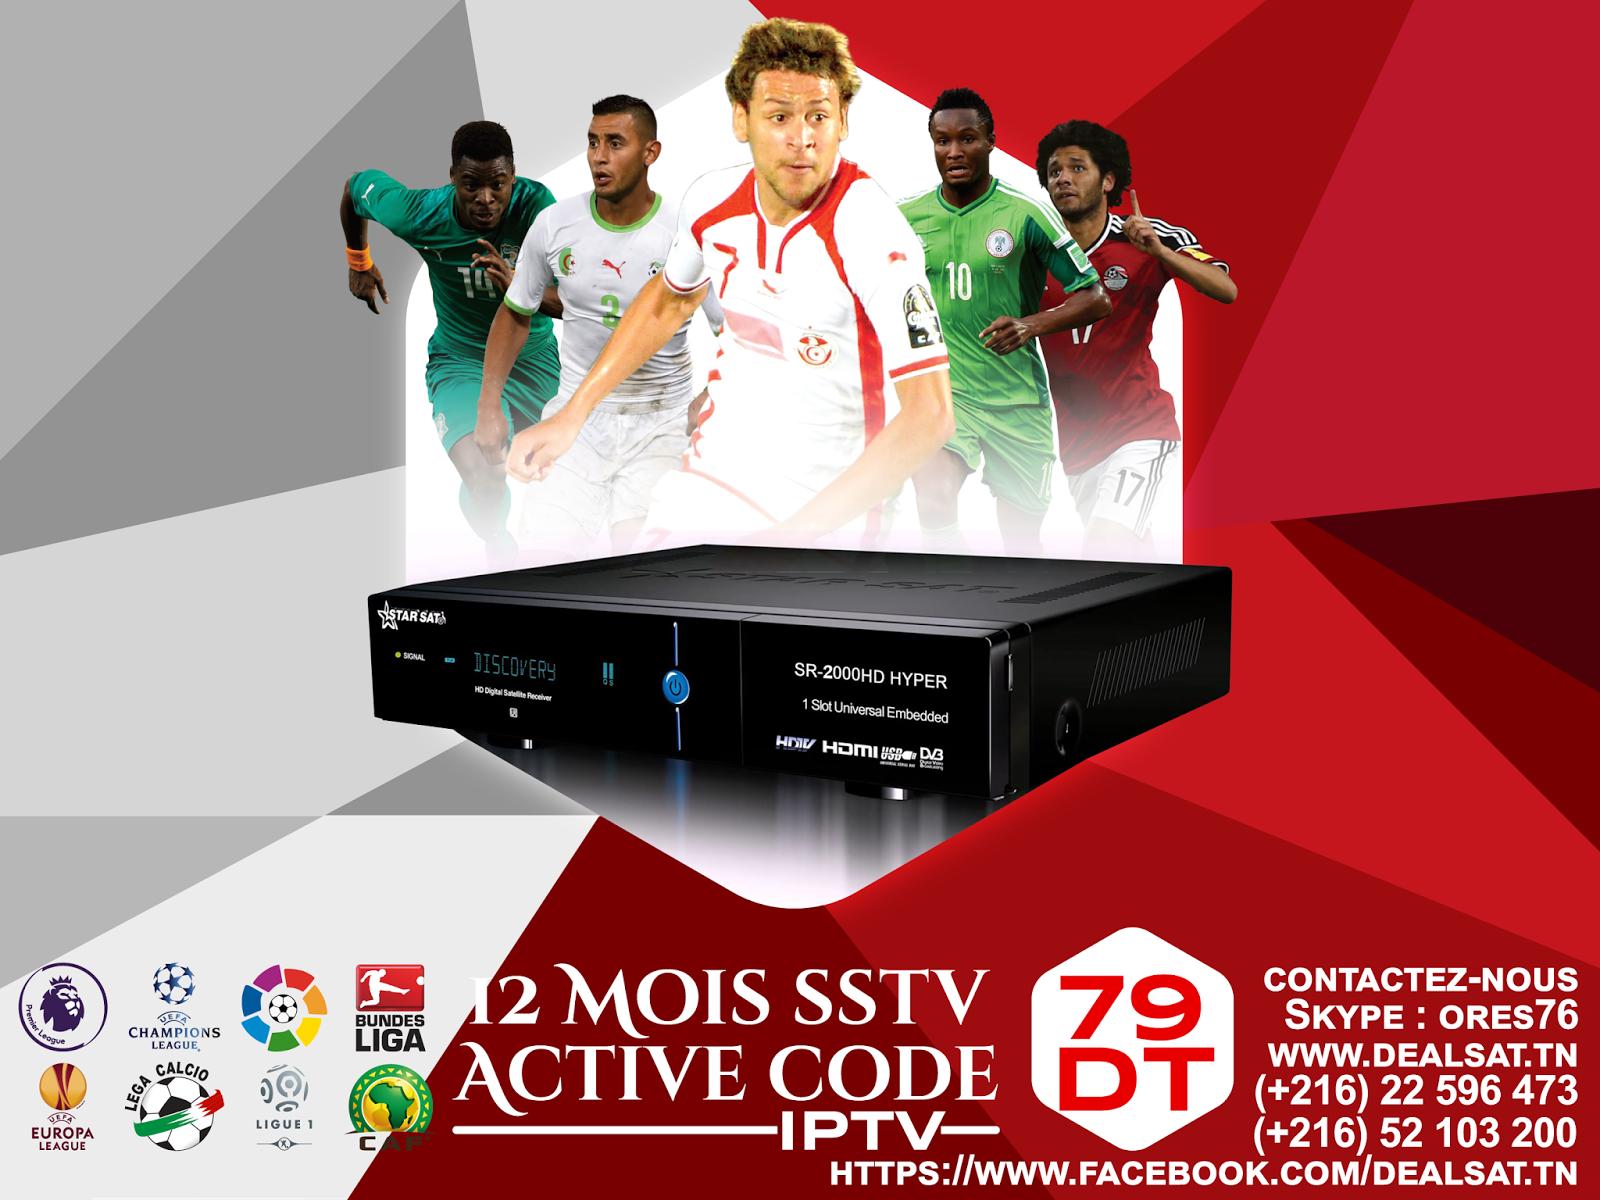 SSTV IPTV ACTIVECODE 79dt ALL STARSAT - GEANT 12 MOIS (hyper